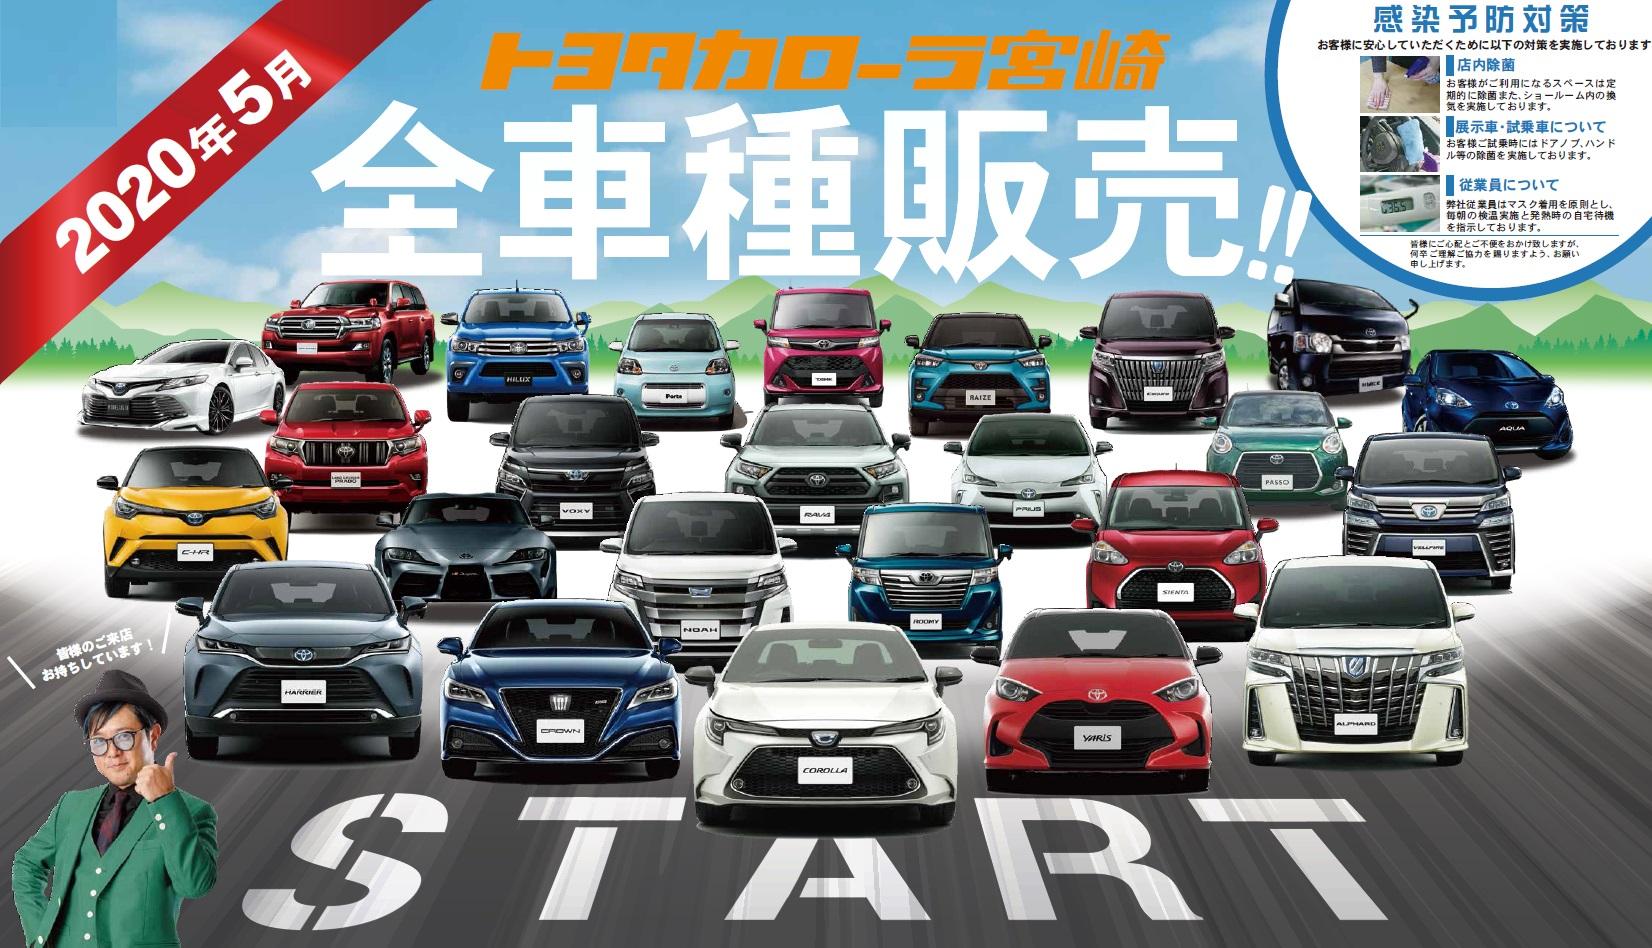 トヨタ車全車販売開始   トヨタカローラ宮崎